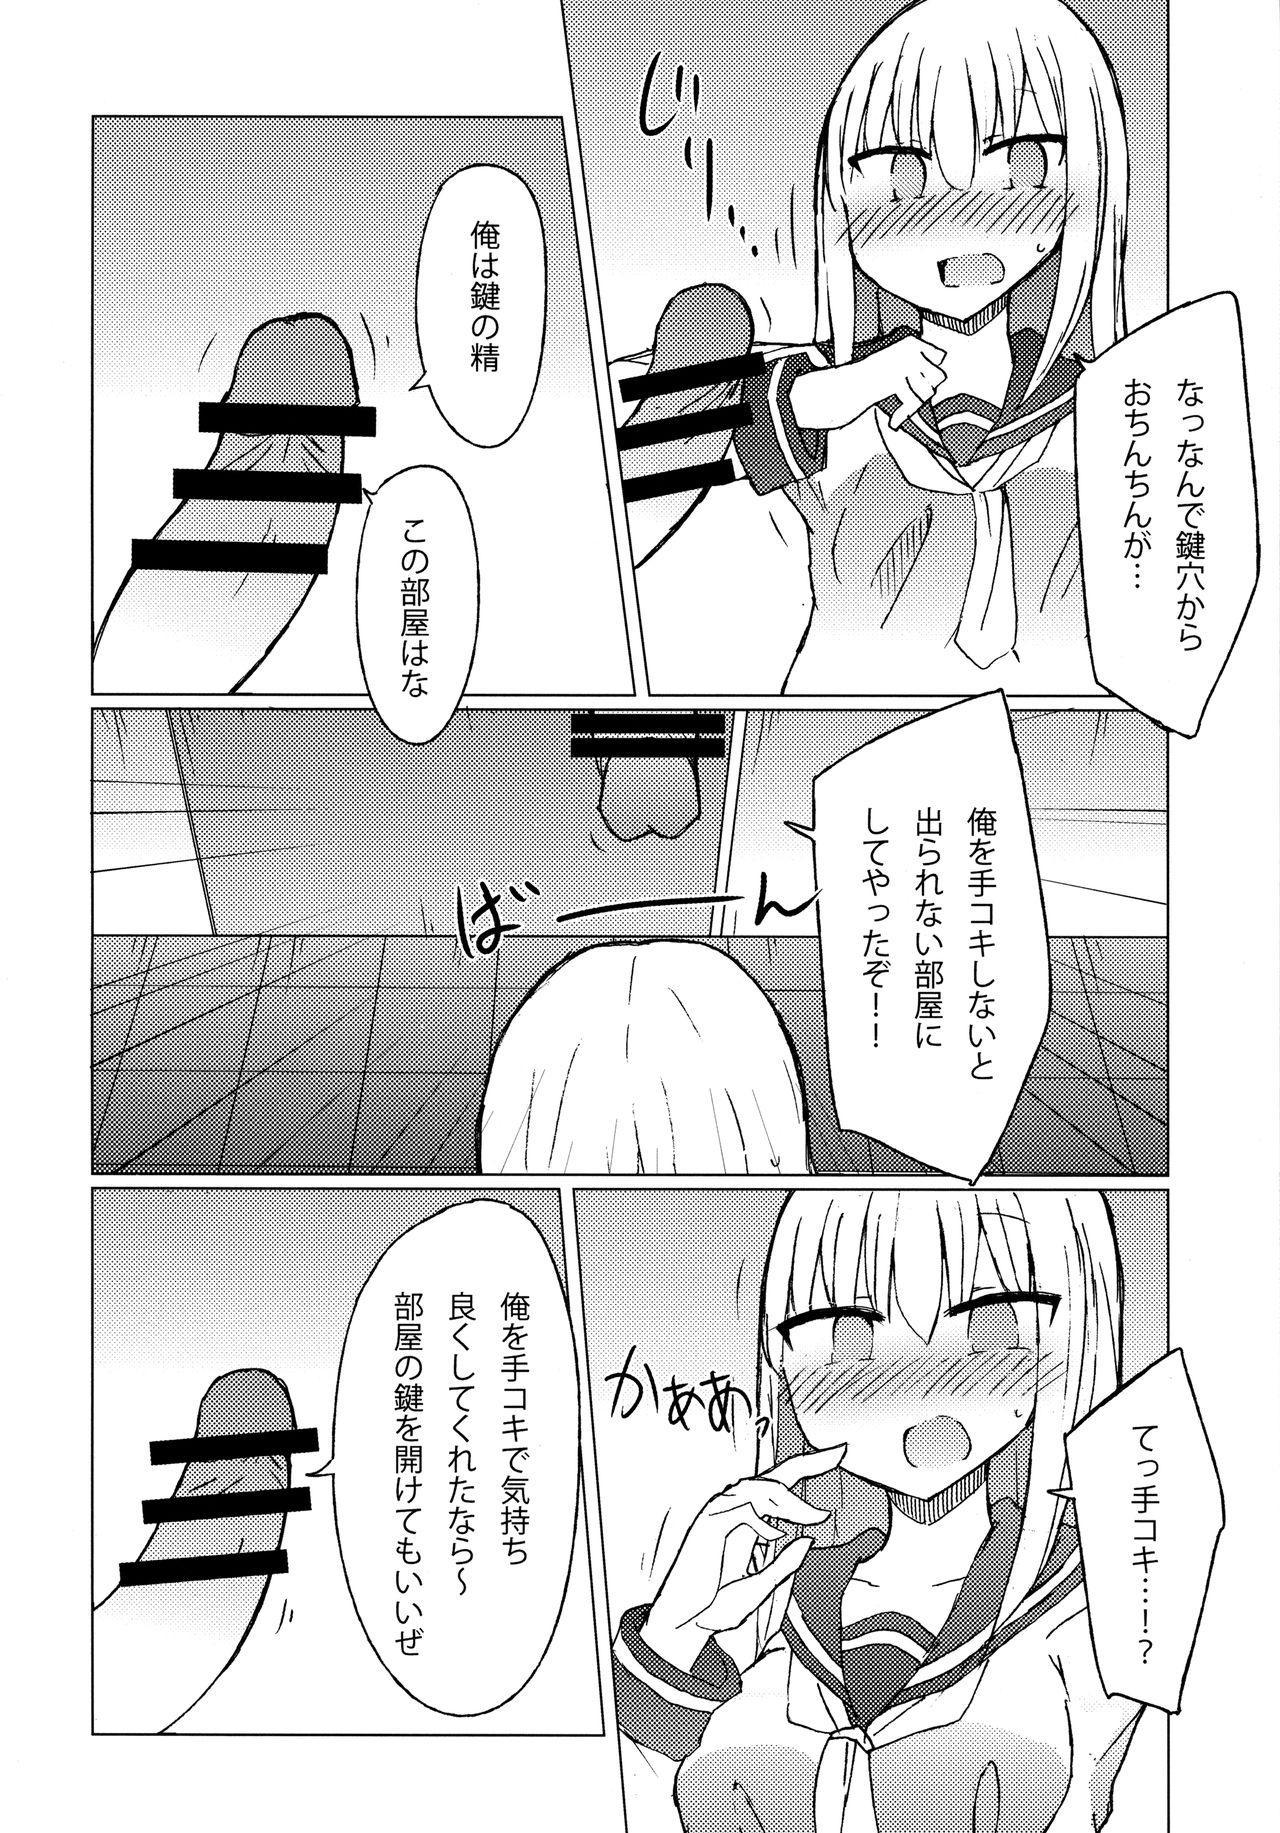 JK vs Tekoki Shinai to Derarenai Heya 4